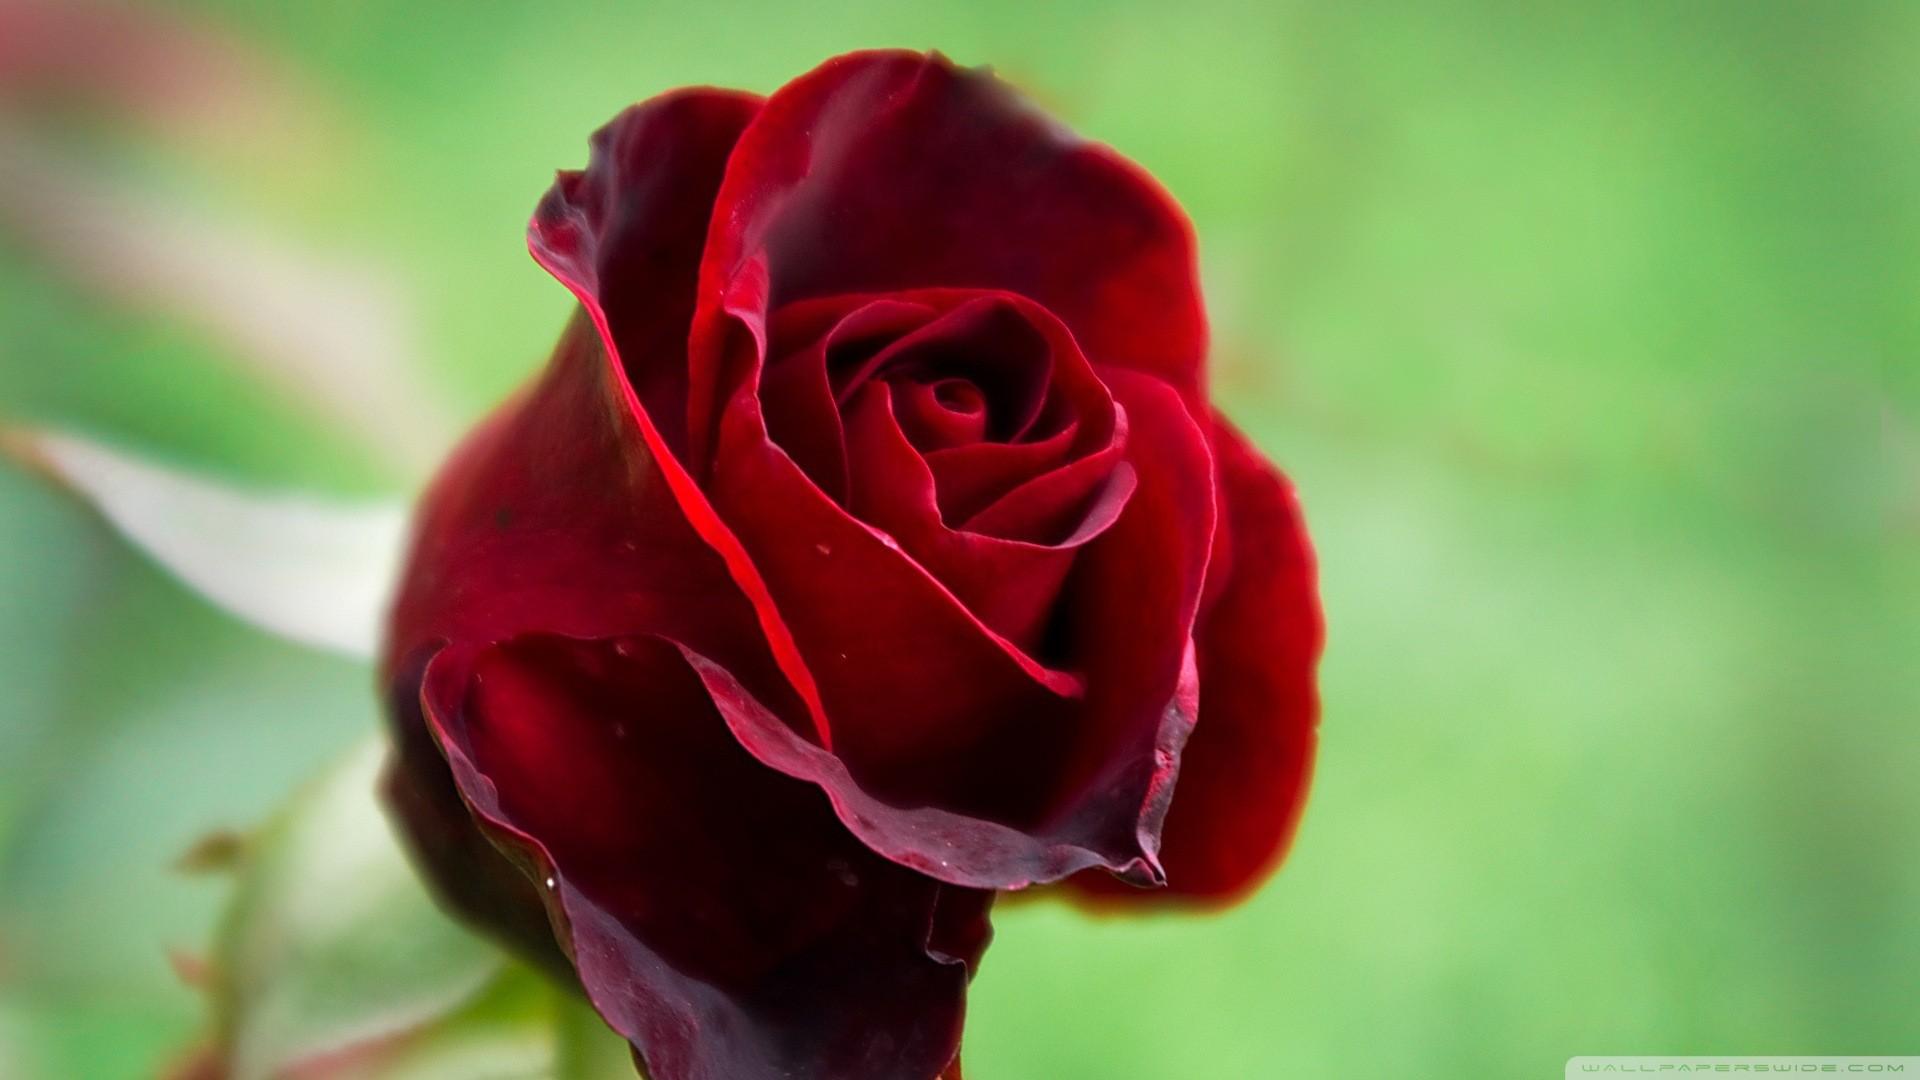 Beautiful Rose Wallpapers Hd Wallpapersafari   Data - Beautiful Red Rose Flower - HD Wallpaper